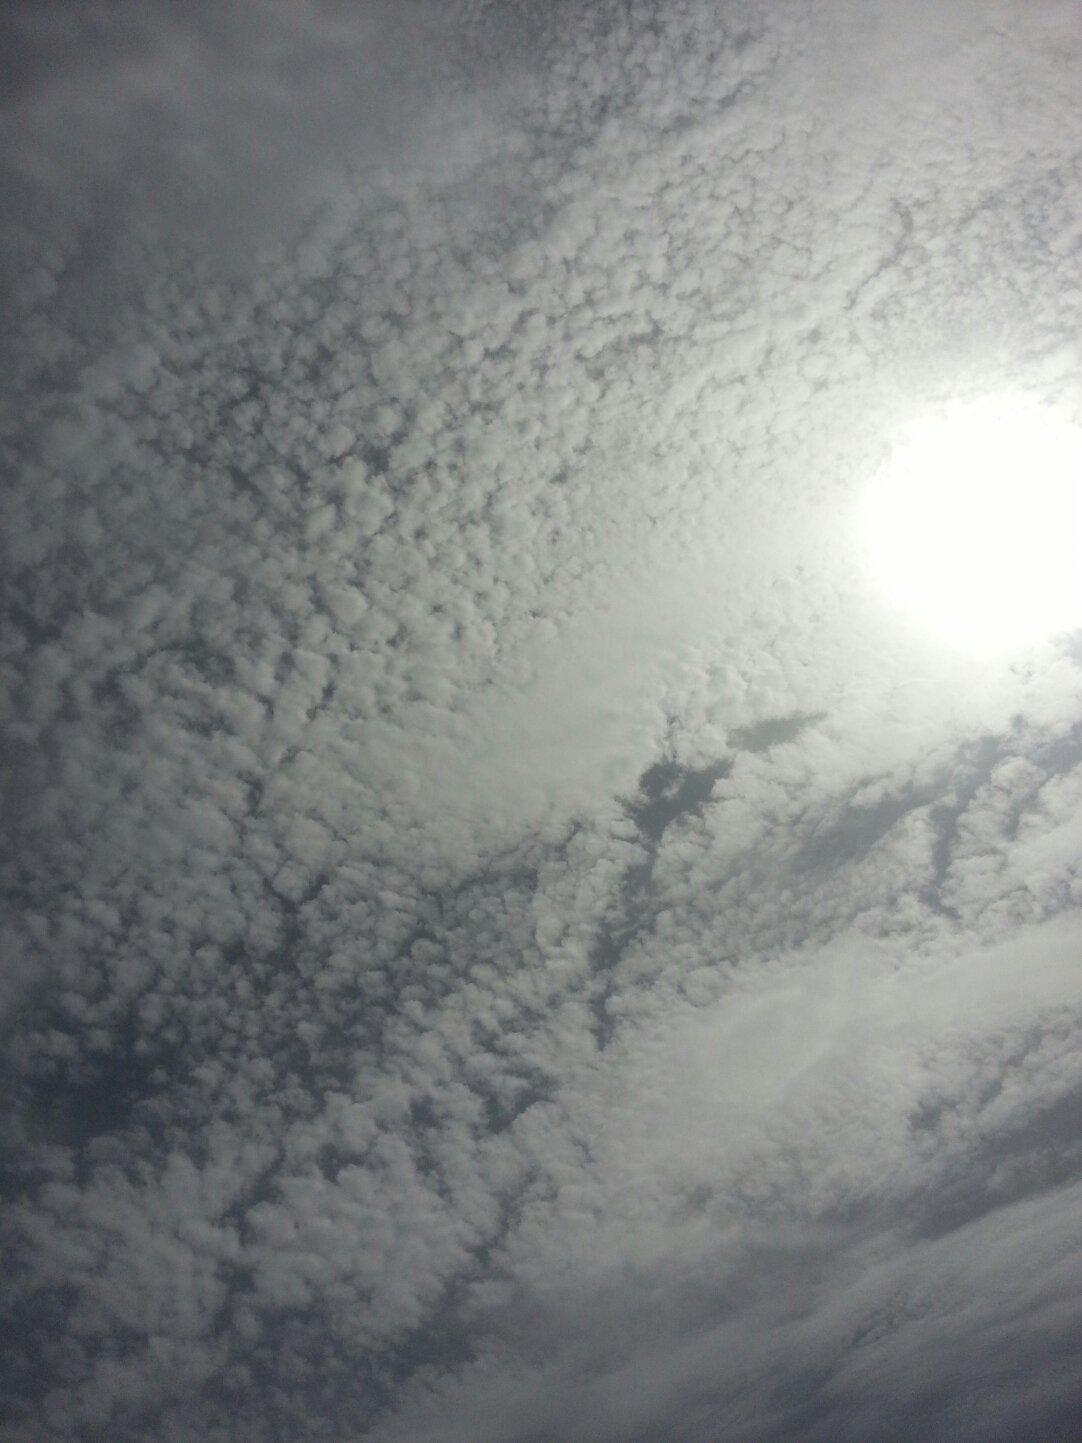 新疆维吾尔自治区新疆维吾尔自治区图木舒克市皮四段天气预报